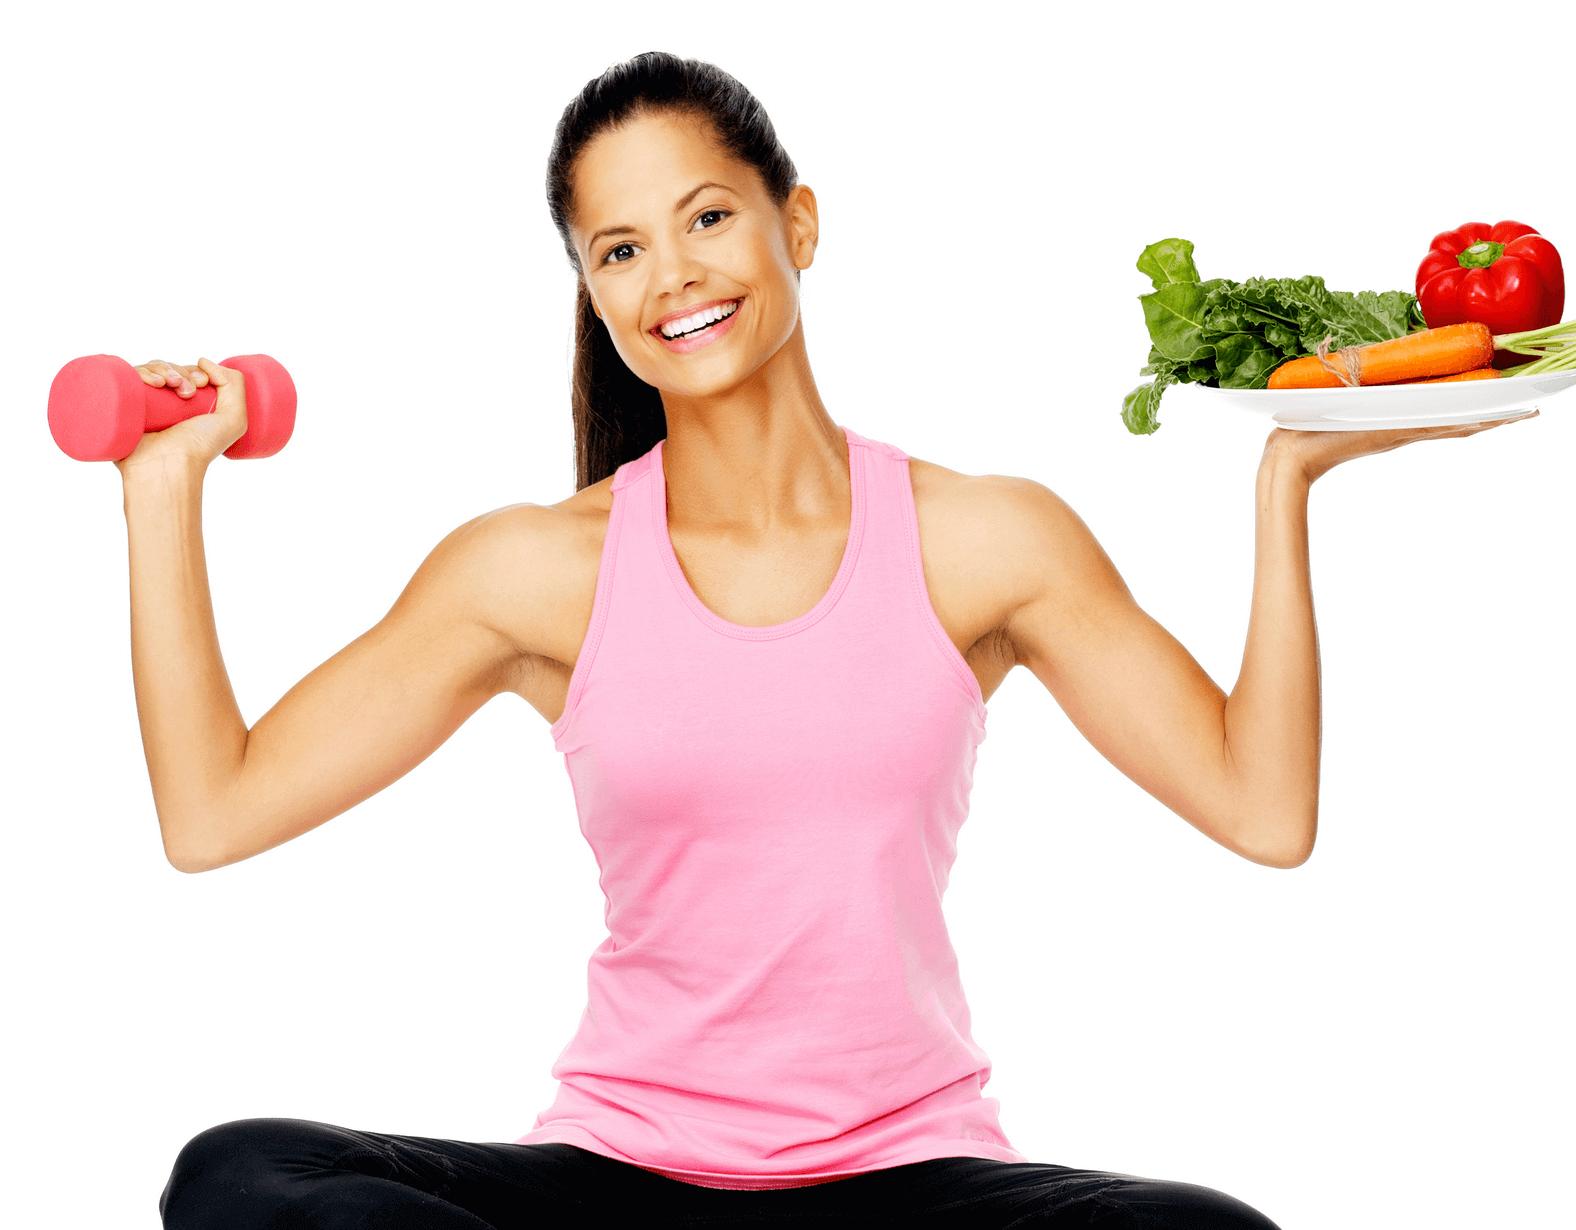 Диеты для похудения в домашних условиях. Варианты домашней диеты 13